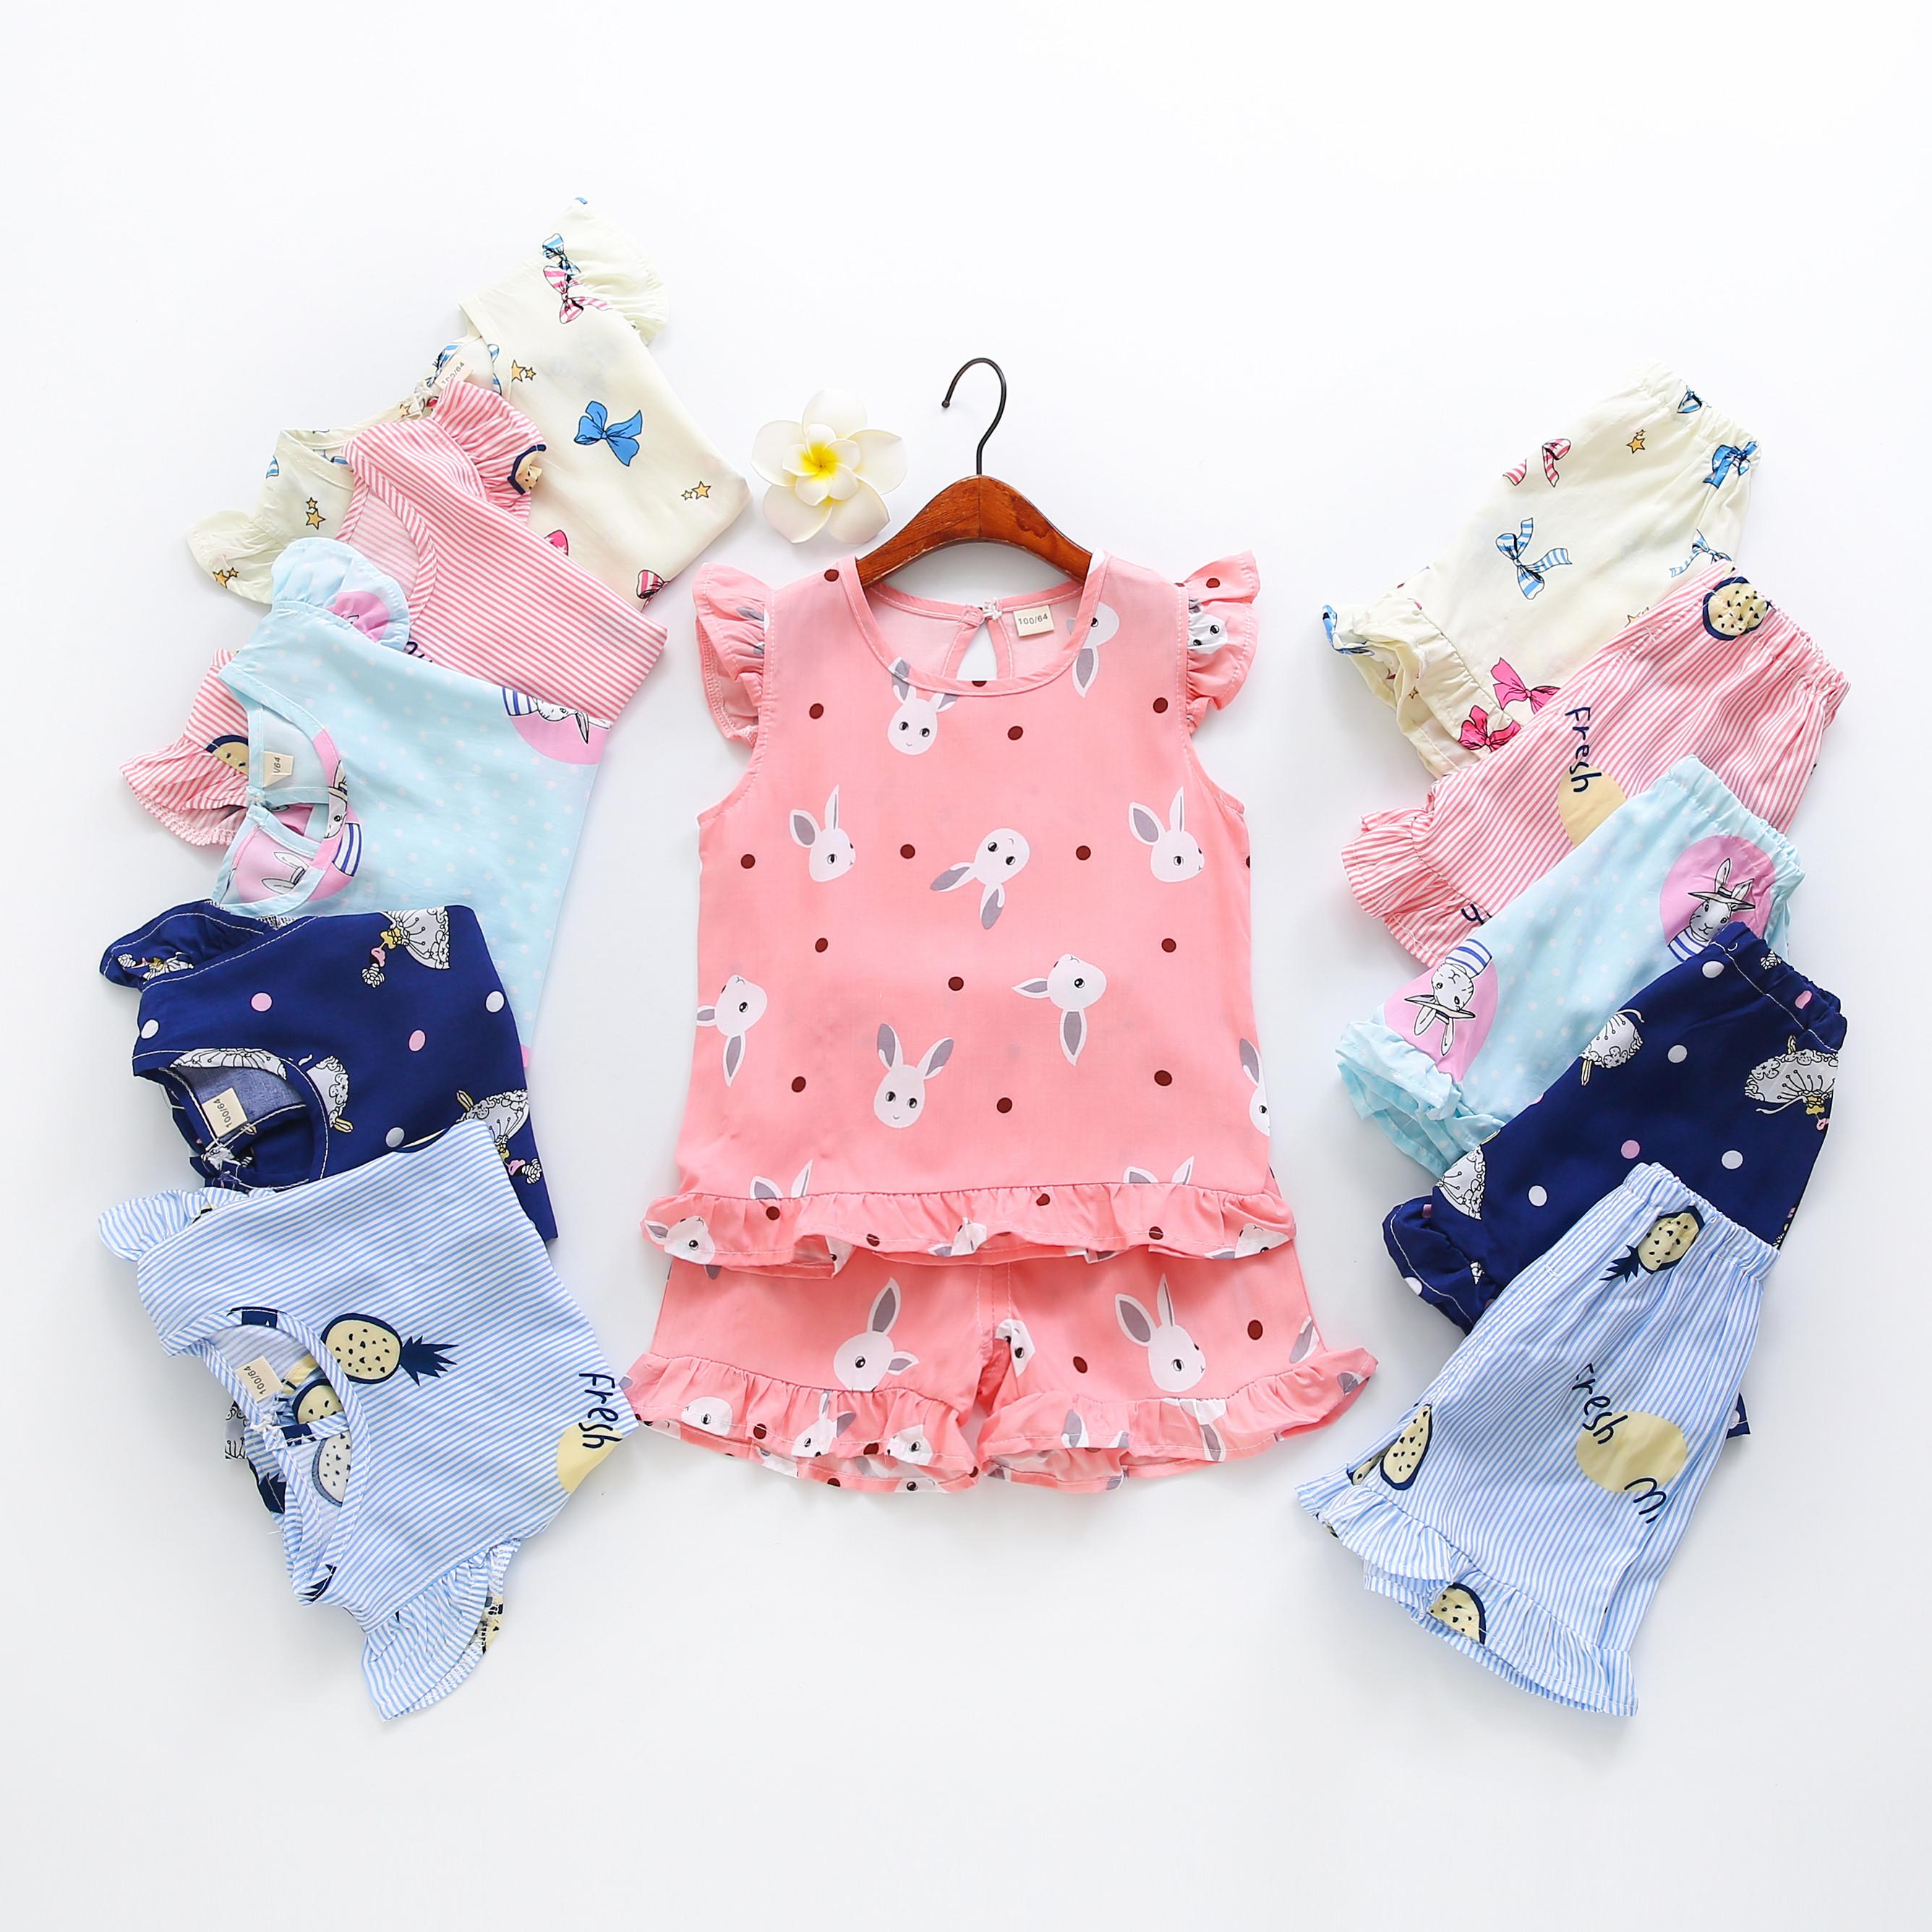 女童人造棉夏季薄款绵绸空调服儿童可爱棉绸套装家居服女宝宝睡衣